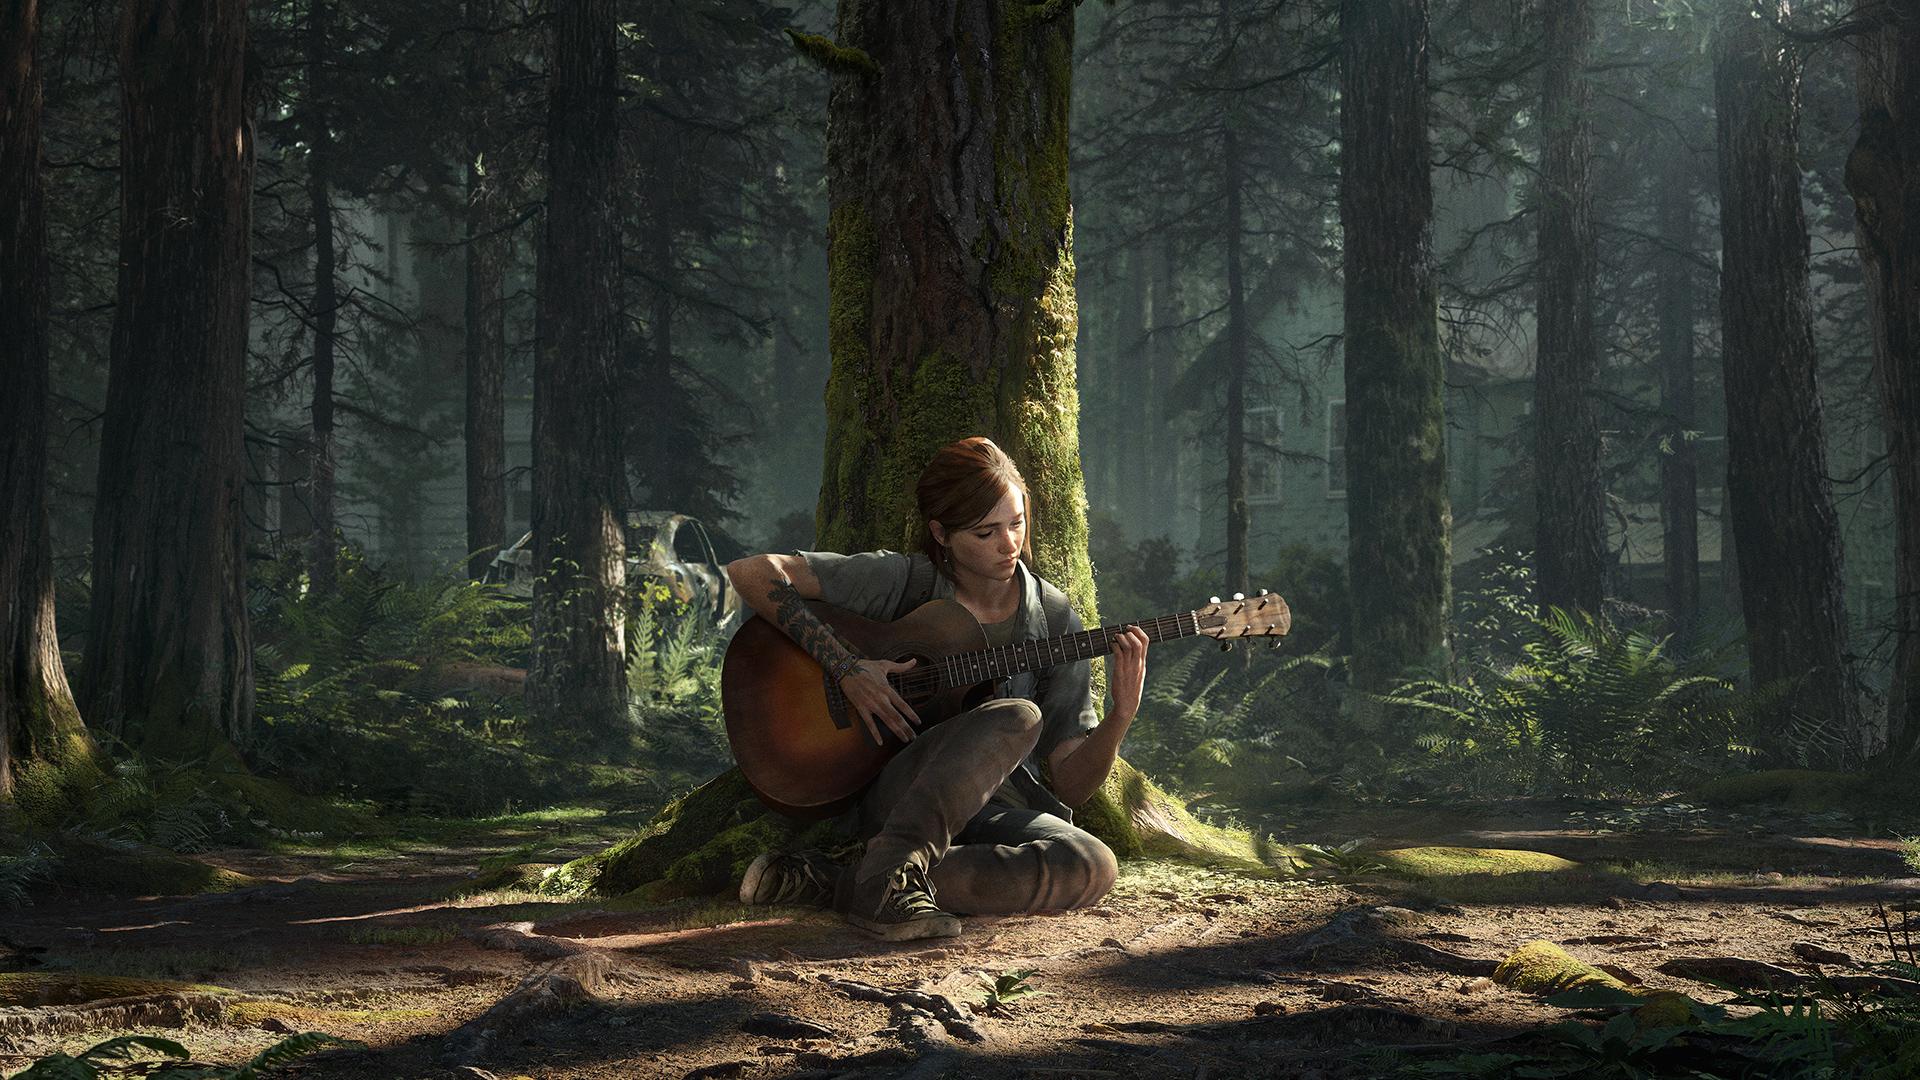 🧟♂️ Вийде український артбук про світ The Last of Us Part ll